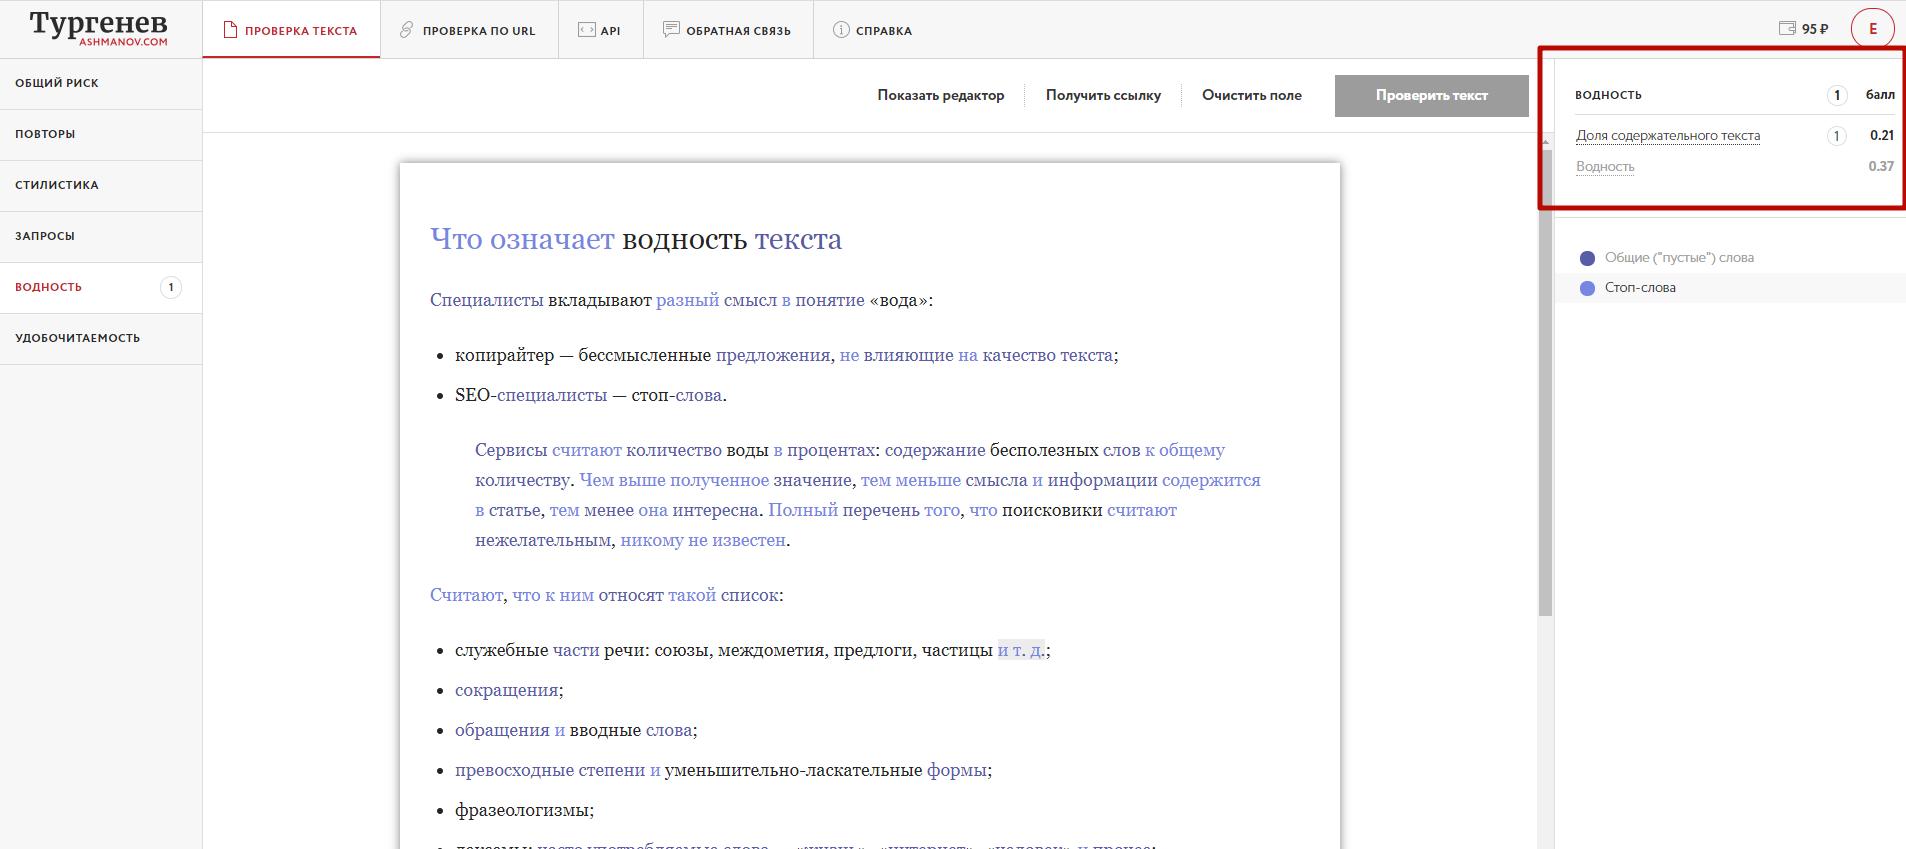 Проверка в сервисе Turgenev